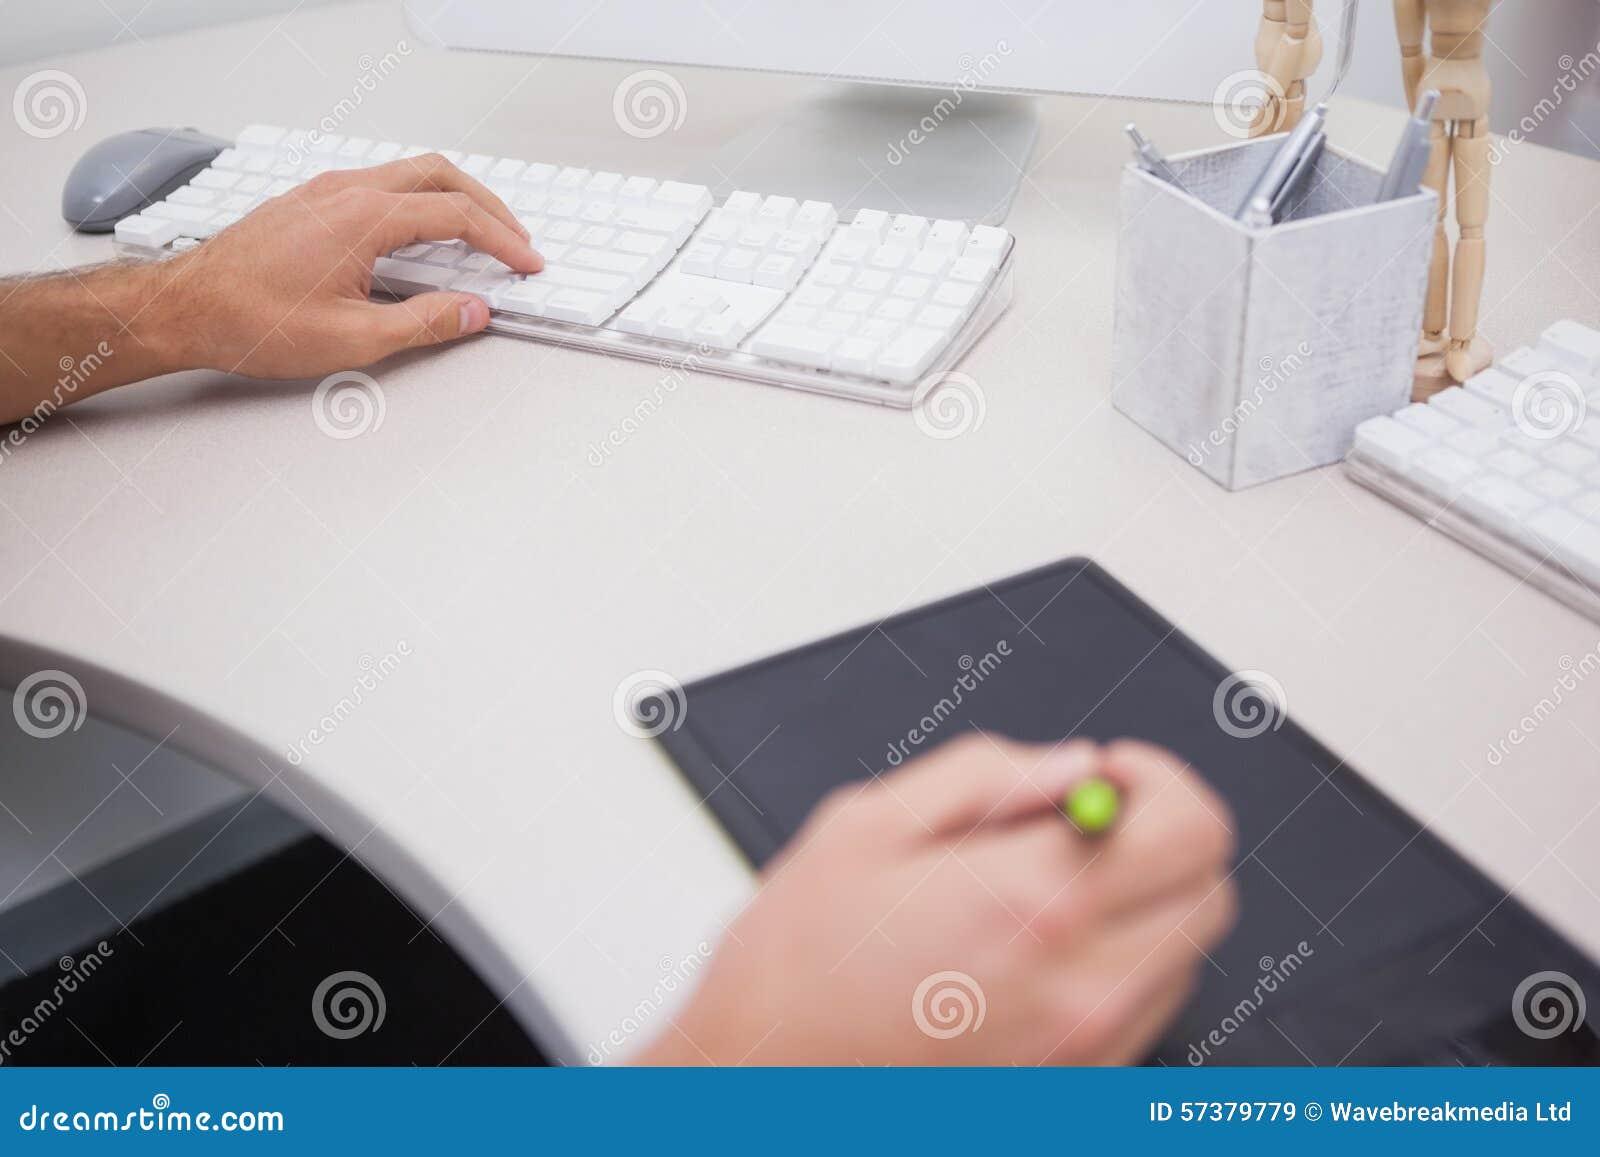 Ontwerper die grafiektablet en kleurenwiel gebruiken